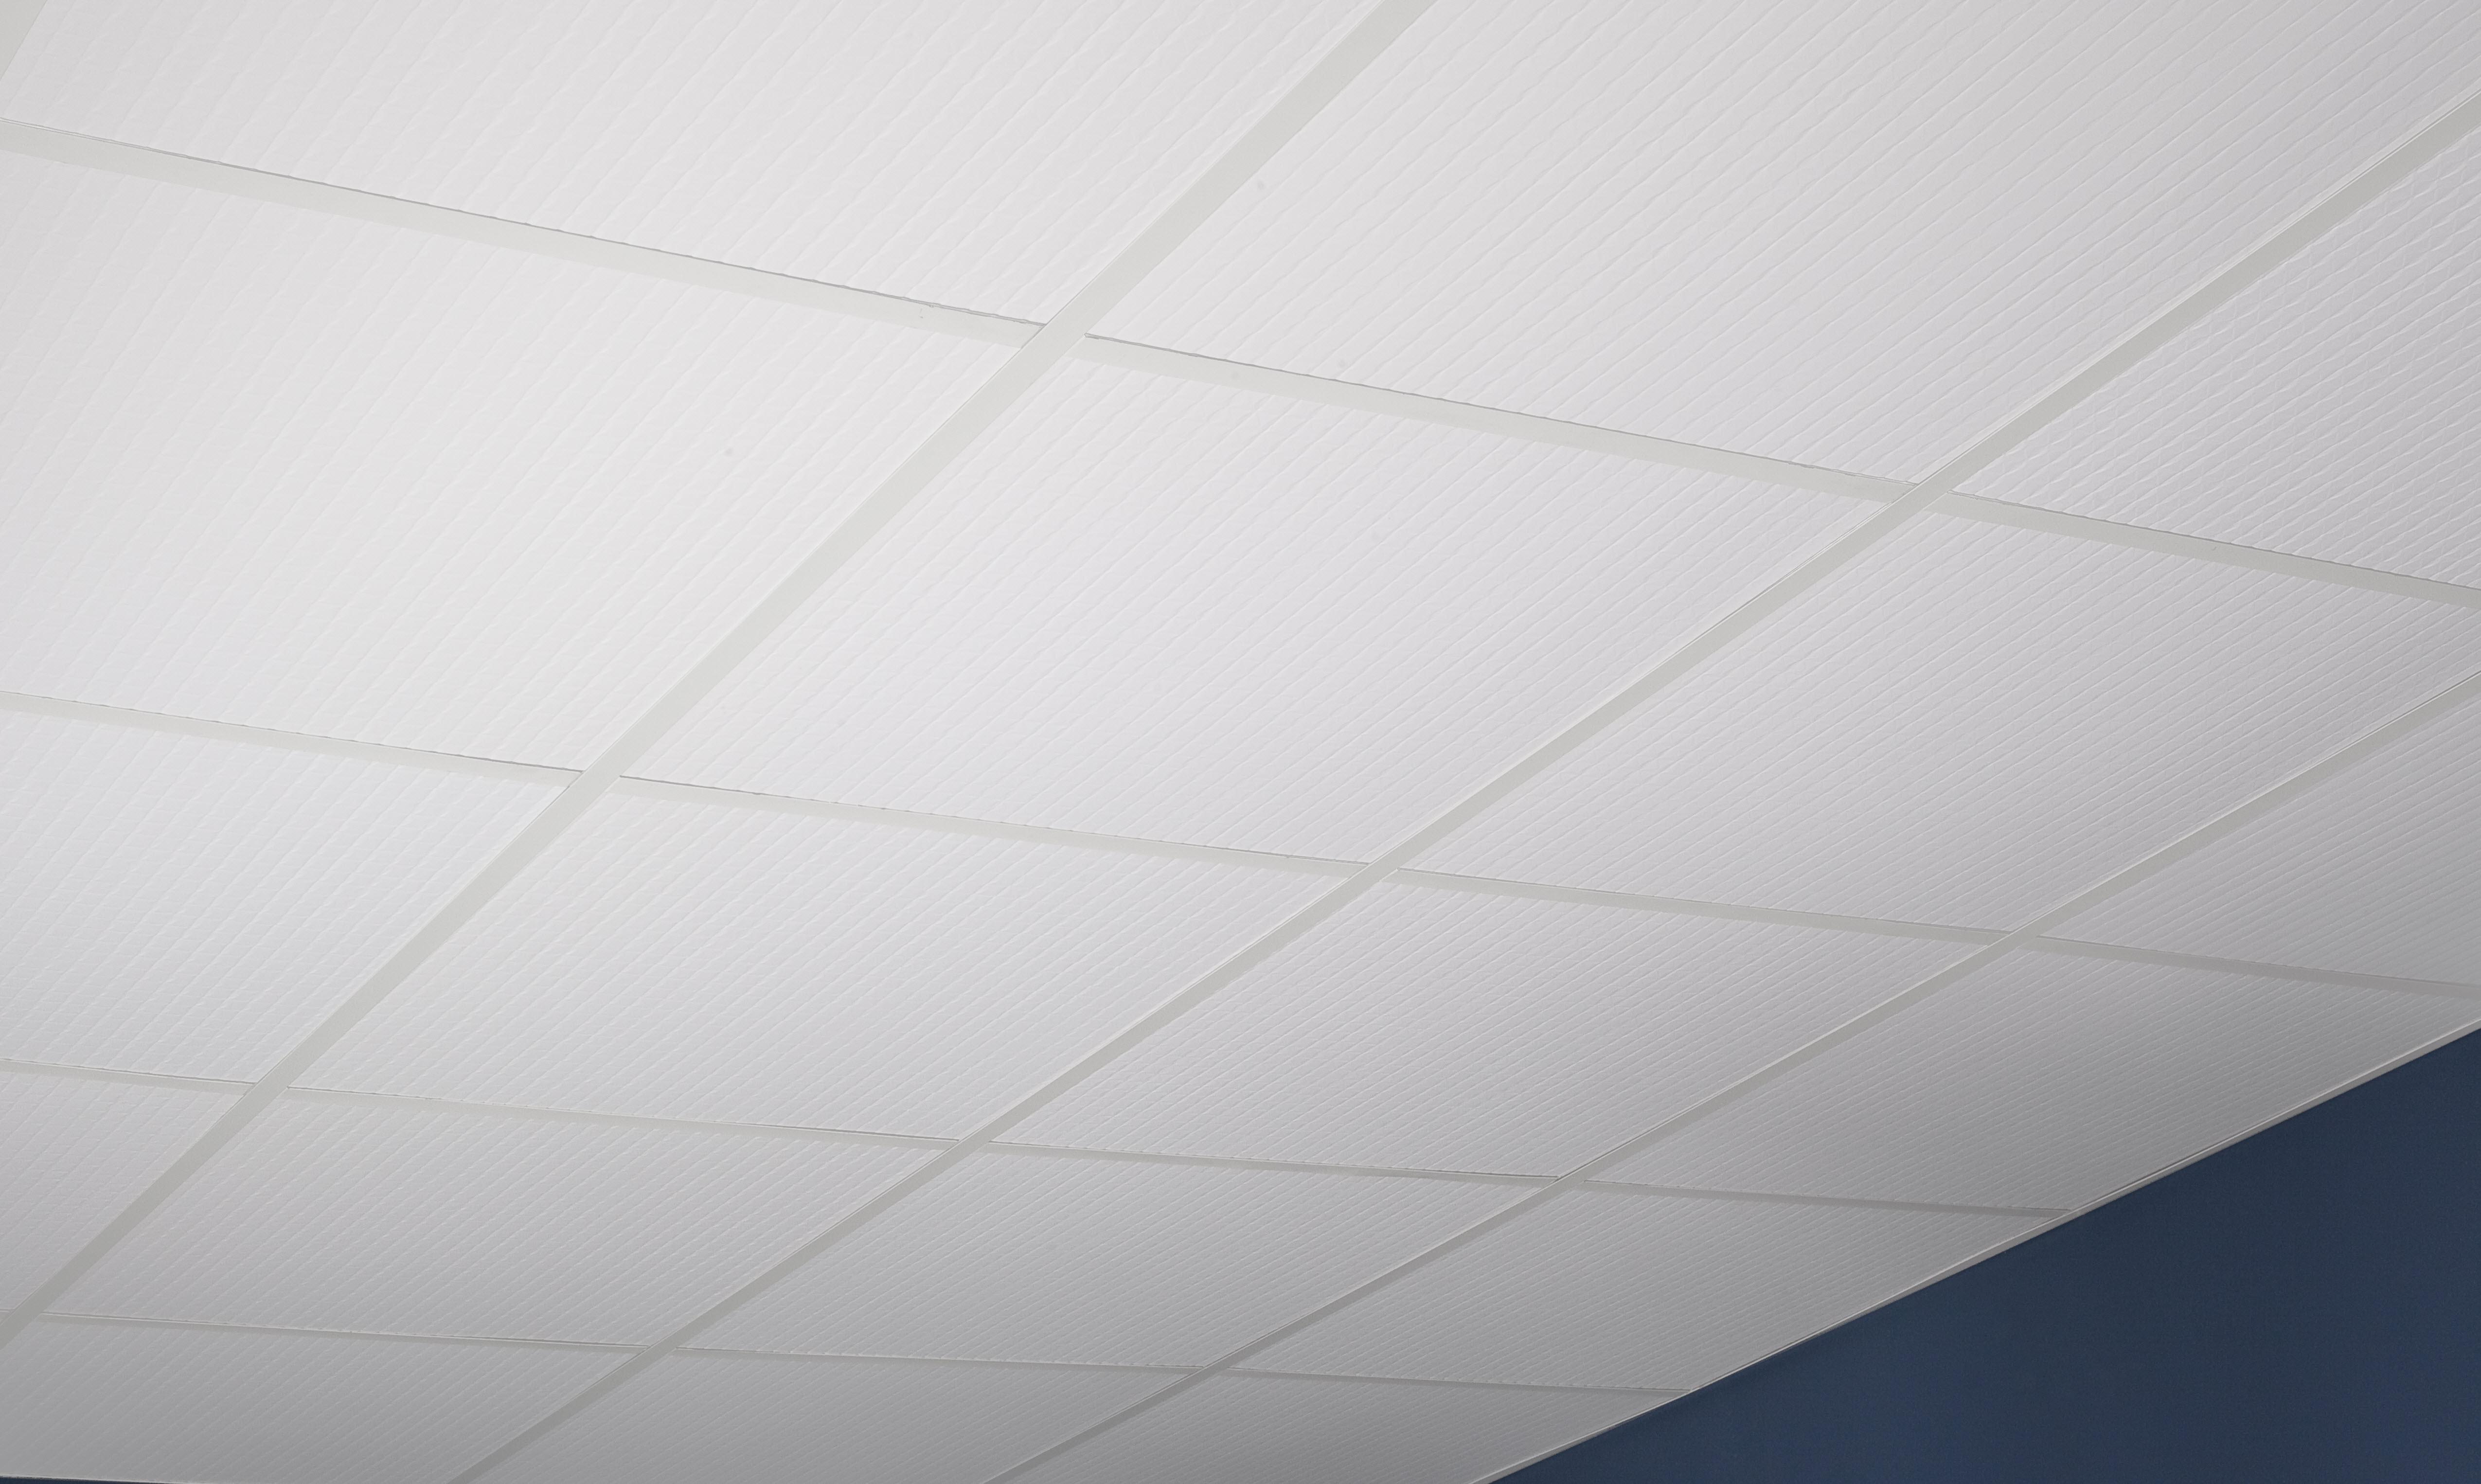 Bathroom ceiling tiles genesis classic pro doublecrazyfo Images